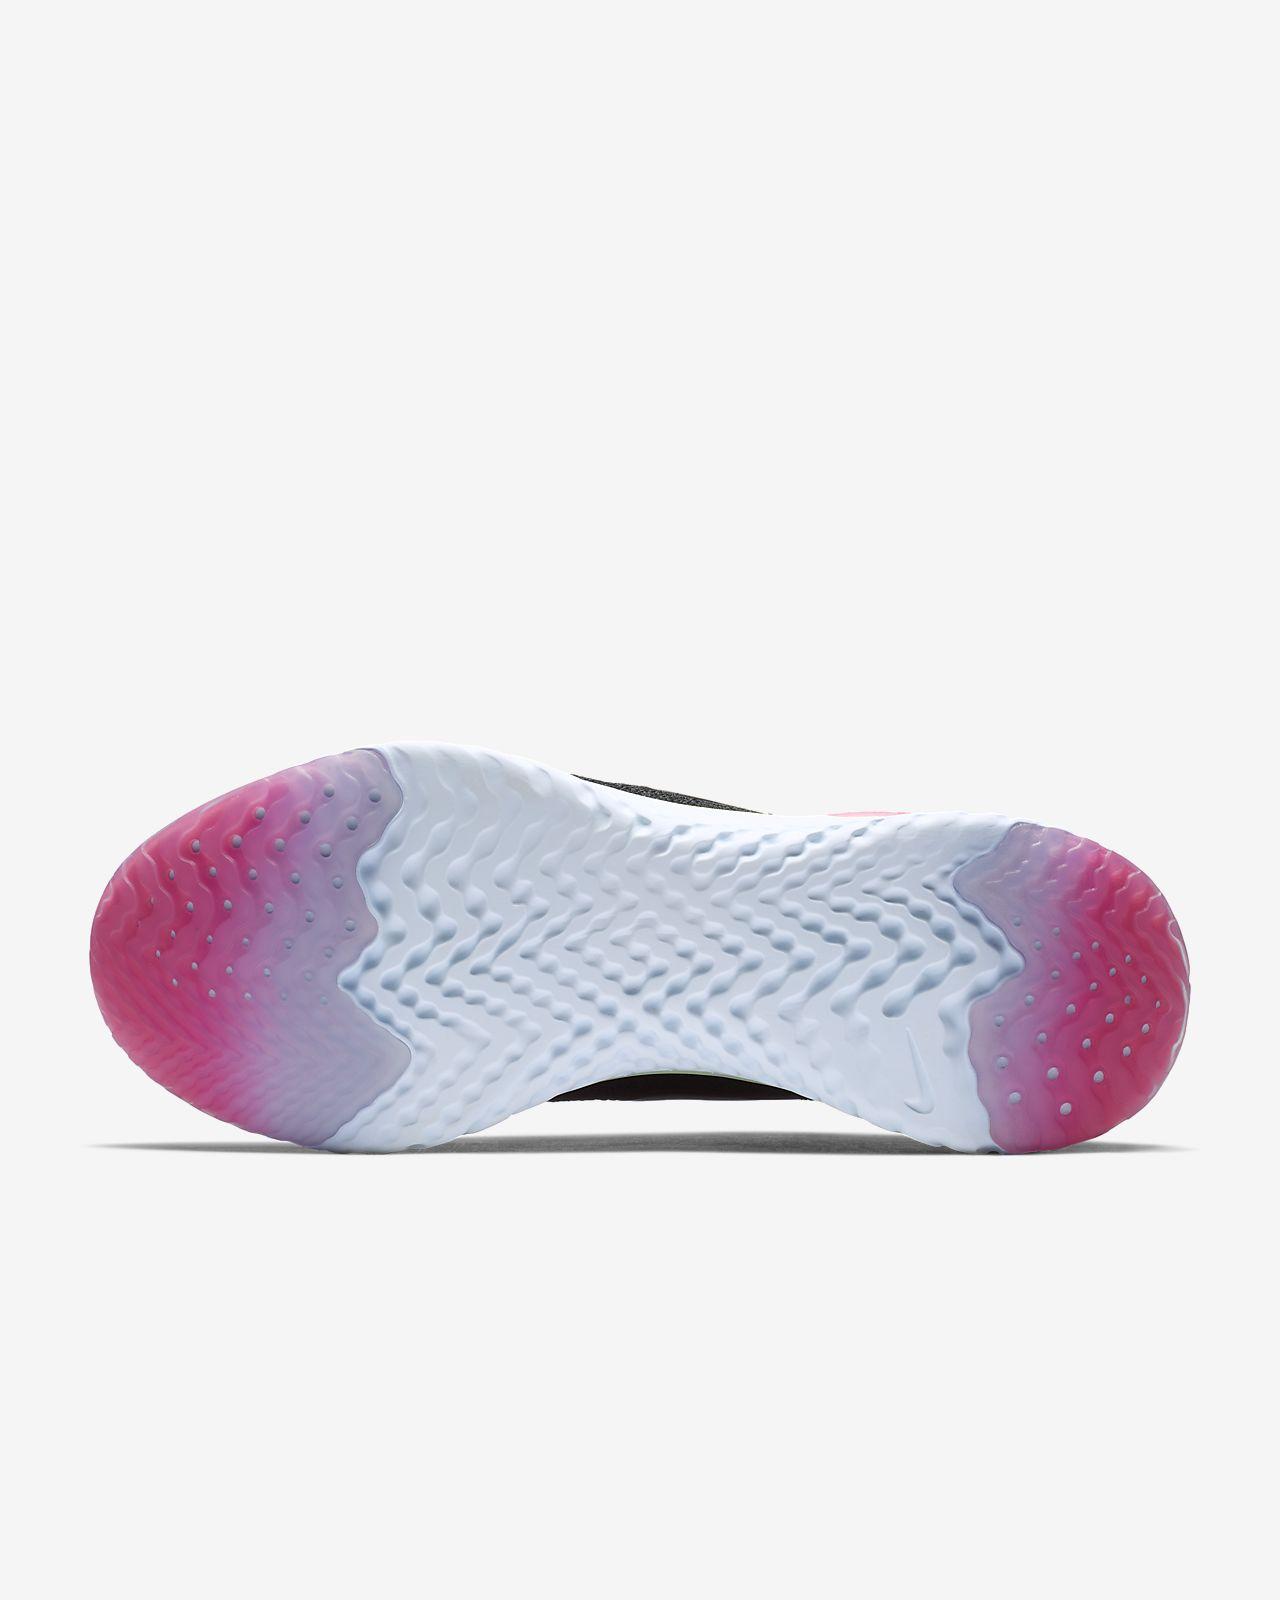 6faf6aac4 Nike Epic React Flyknit 2 Men s Running Shoe. Nike.com